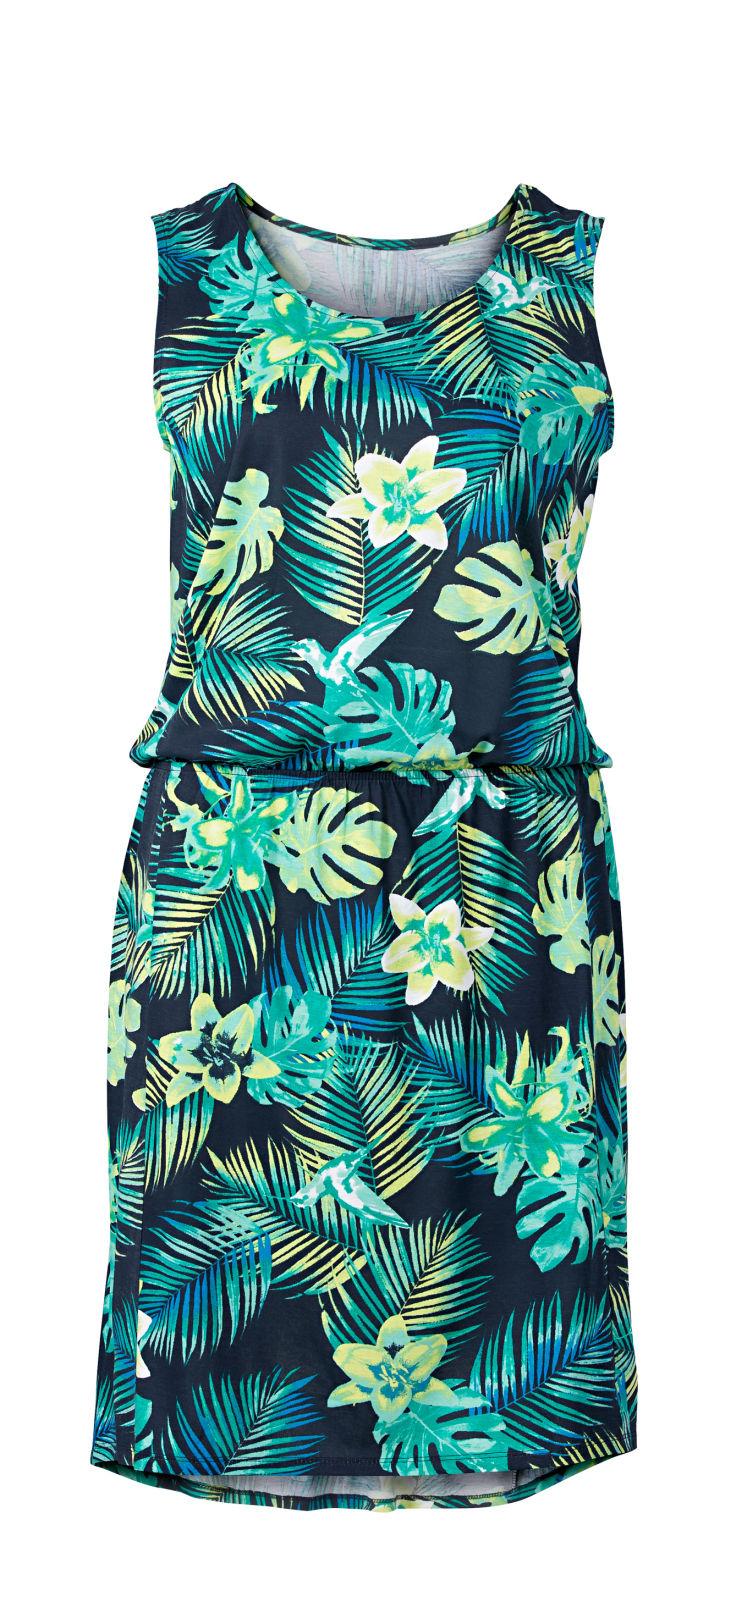 3596dc4e653d Dámske krátke šaty s odhalenými ramenami Zara Model šiat s tropickou  potlačou Takko Fashion - 19